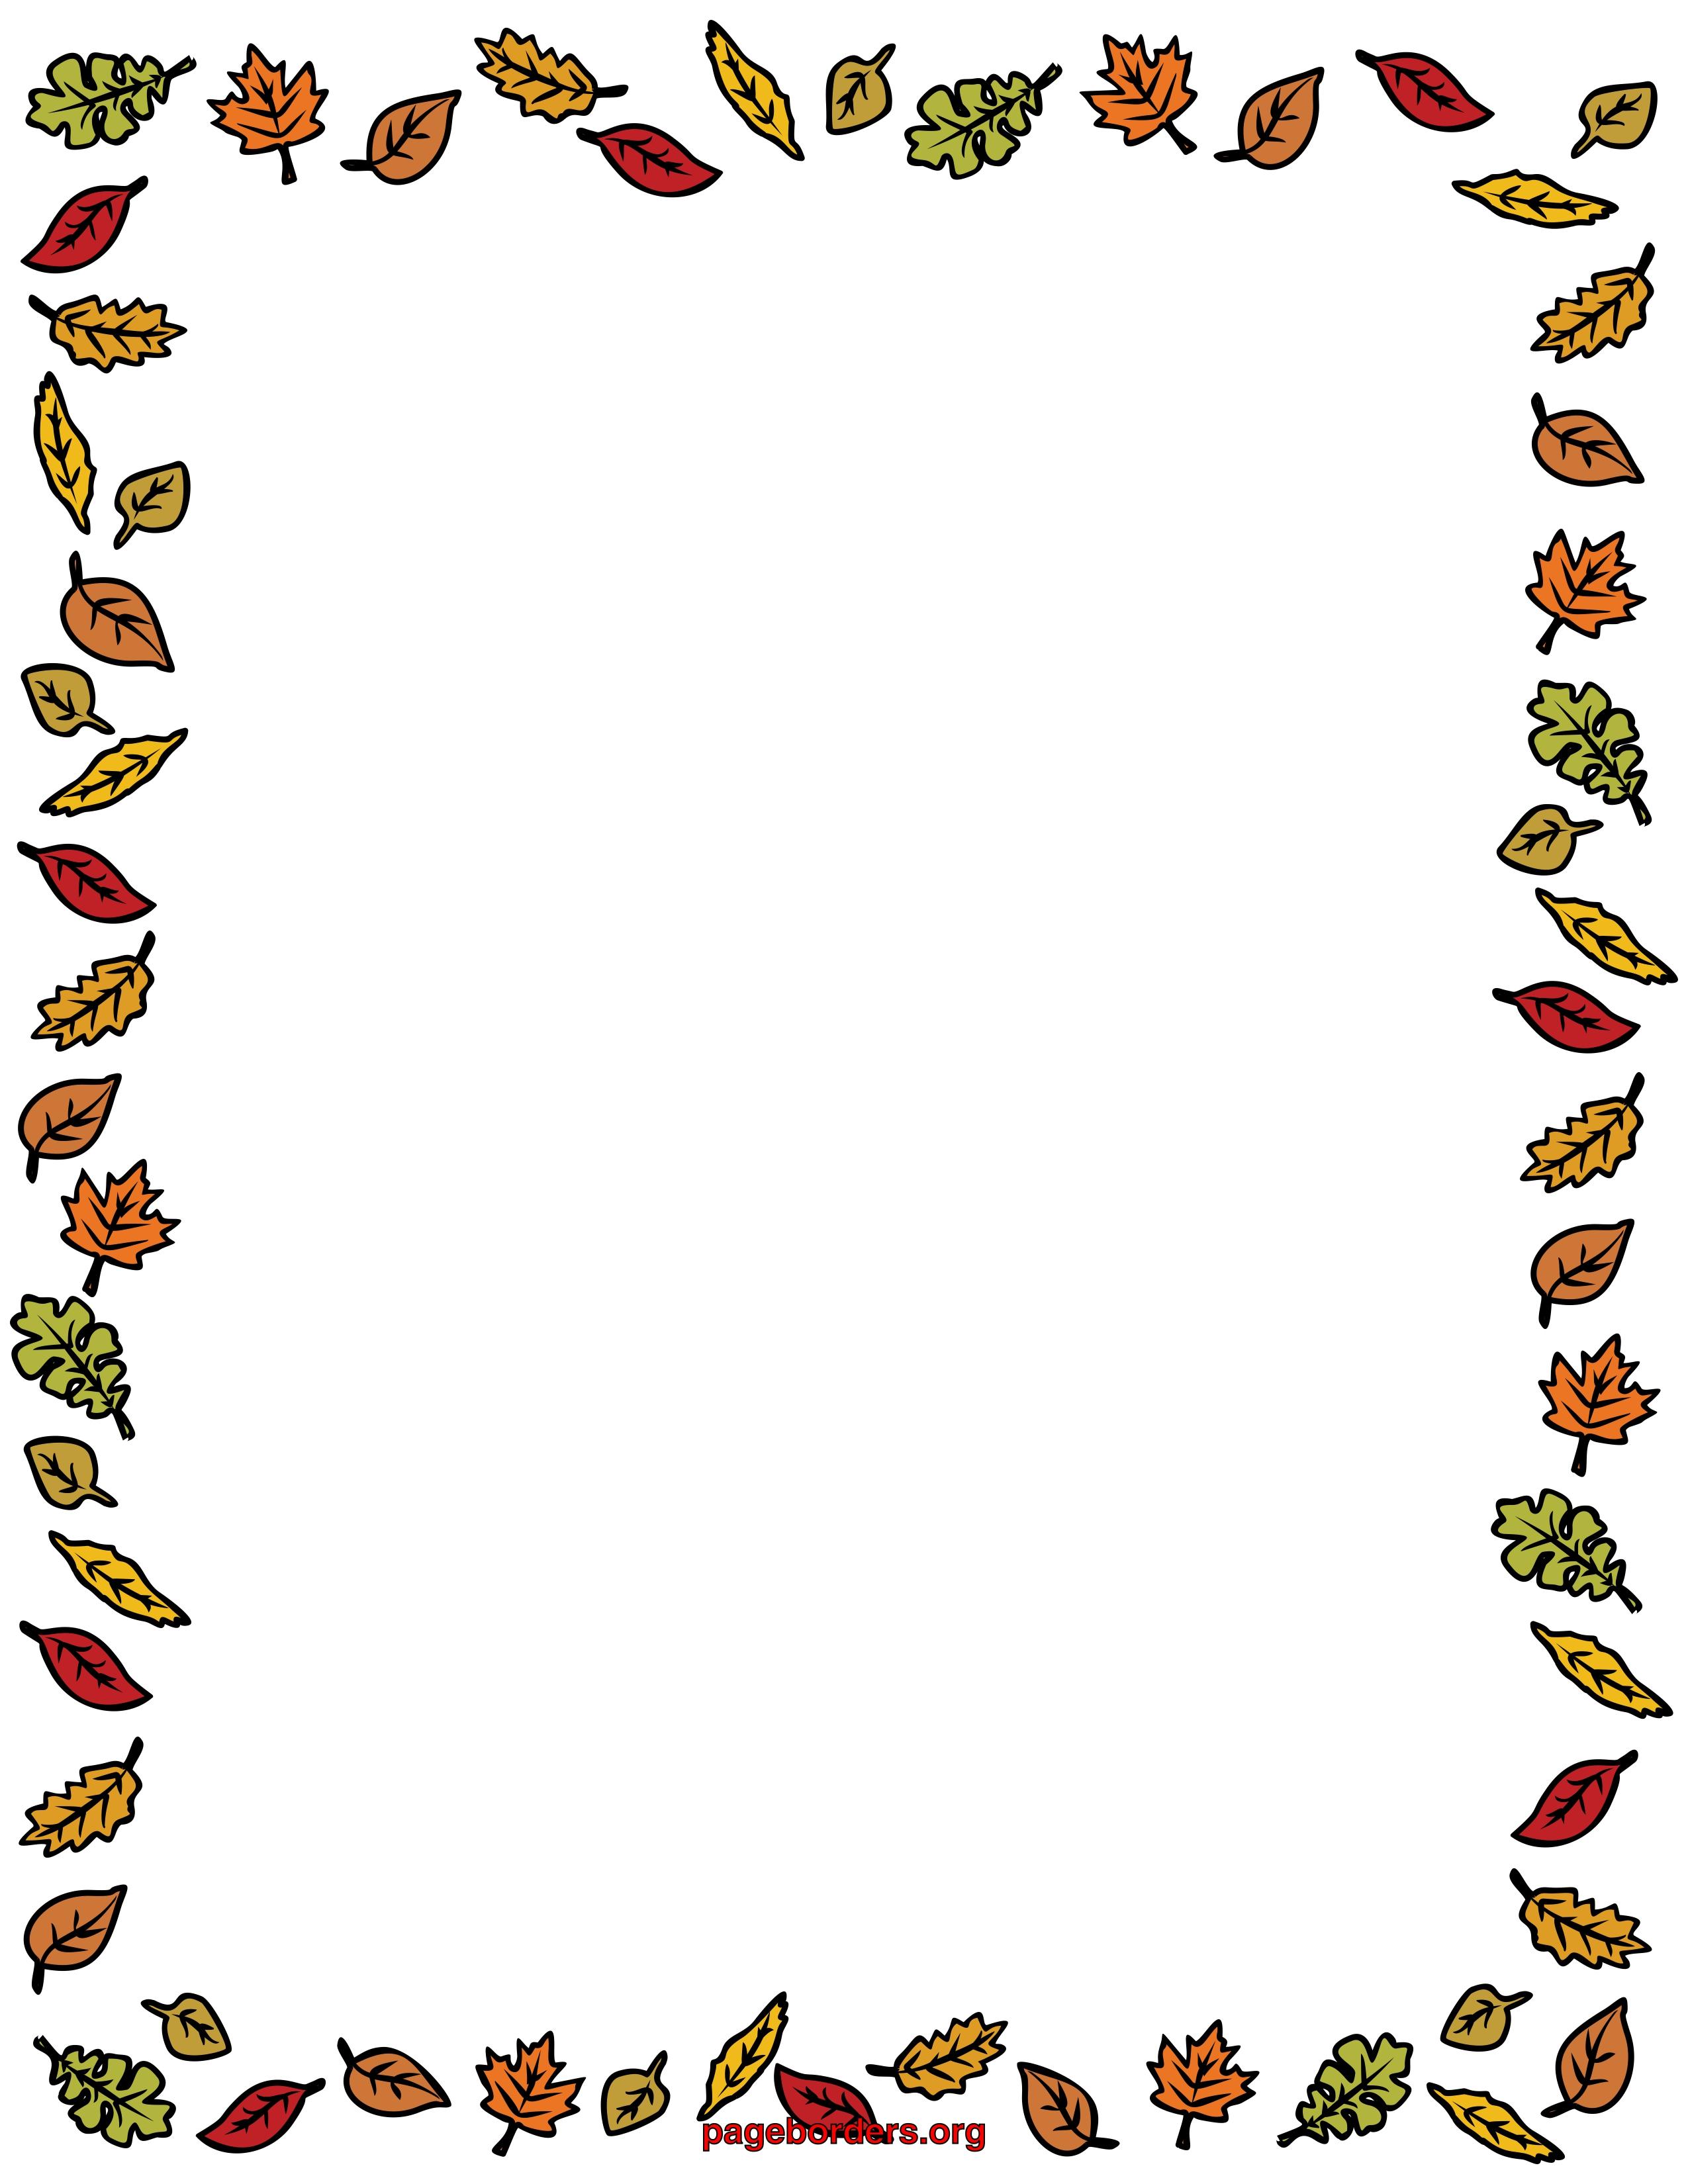 free clipart fall leaves at getdrawings com free for personal use rh getdrawings com Fall Scenes Clip Art Cute Fall Clip Art